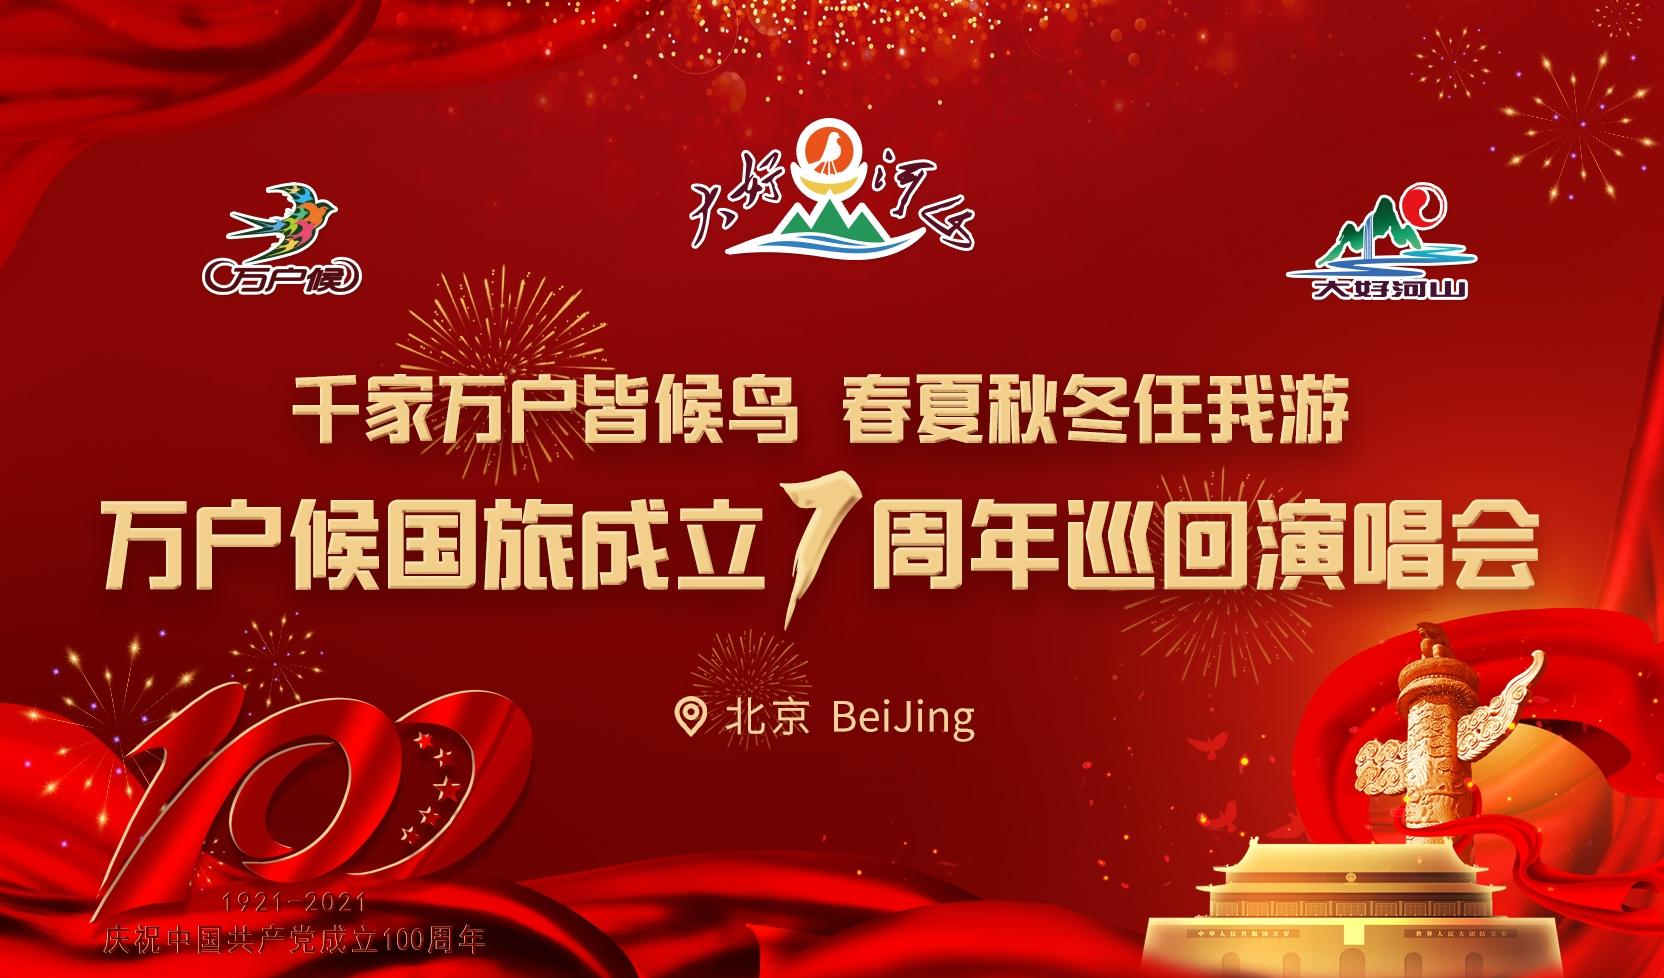 2021 万户候旅行社 7 周年-北京